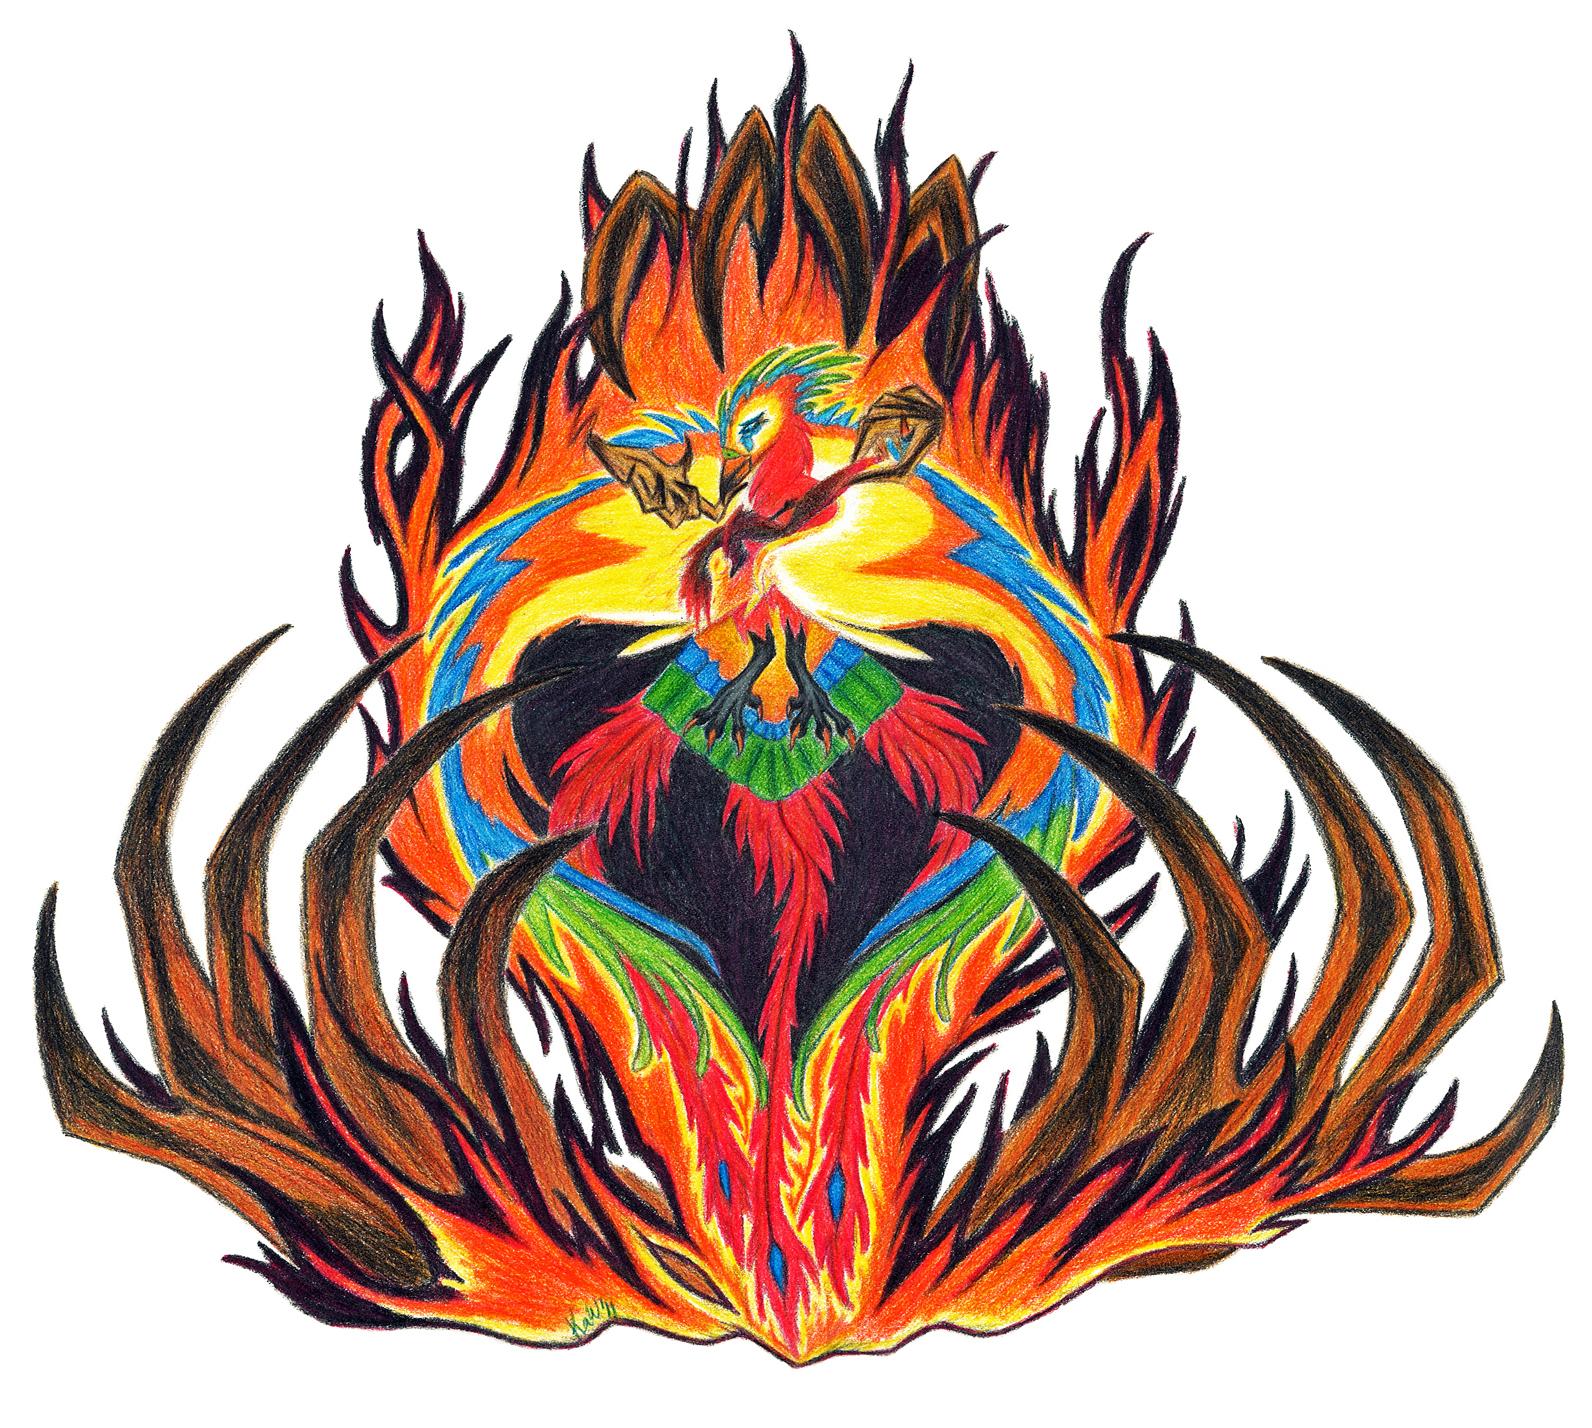 Dishearten Flame